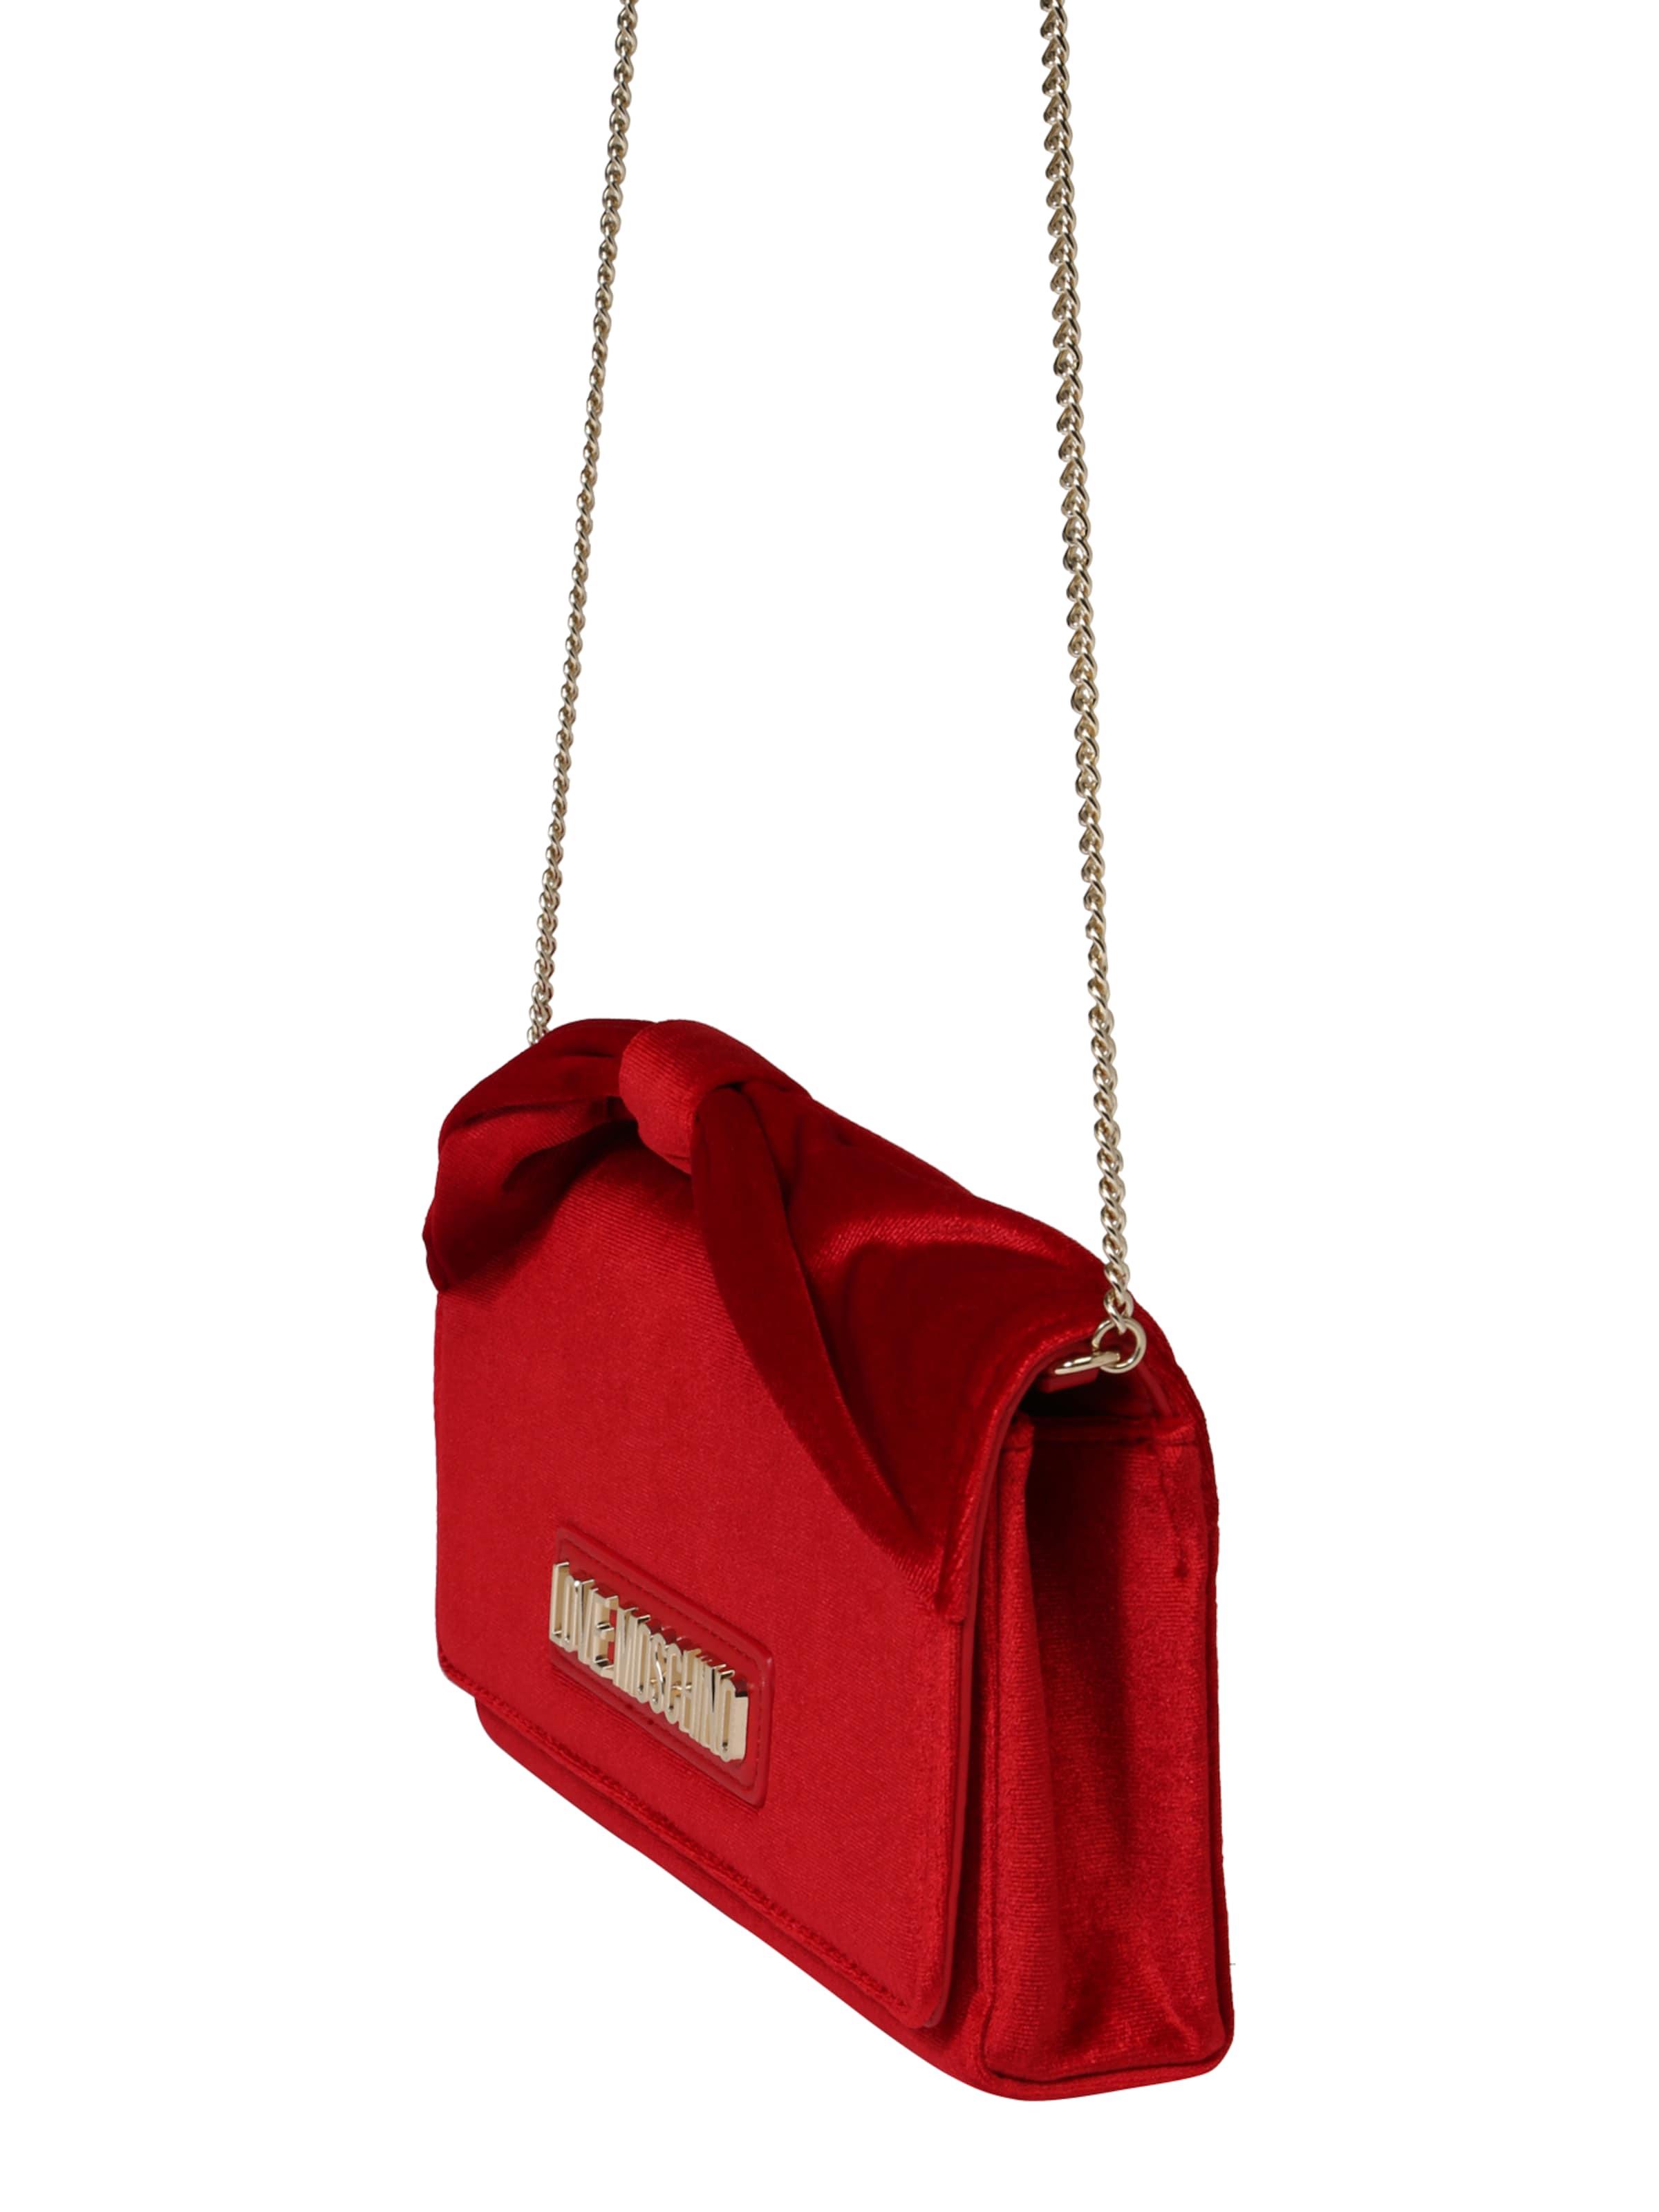 Rosso' 'borsa Tasche Love Moschino Rot Velvet In OkZPTXiwu